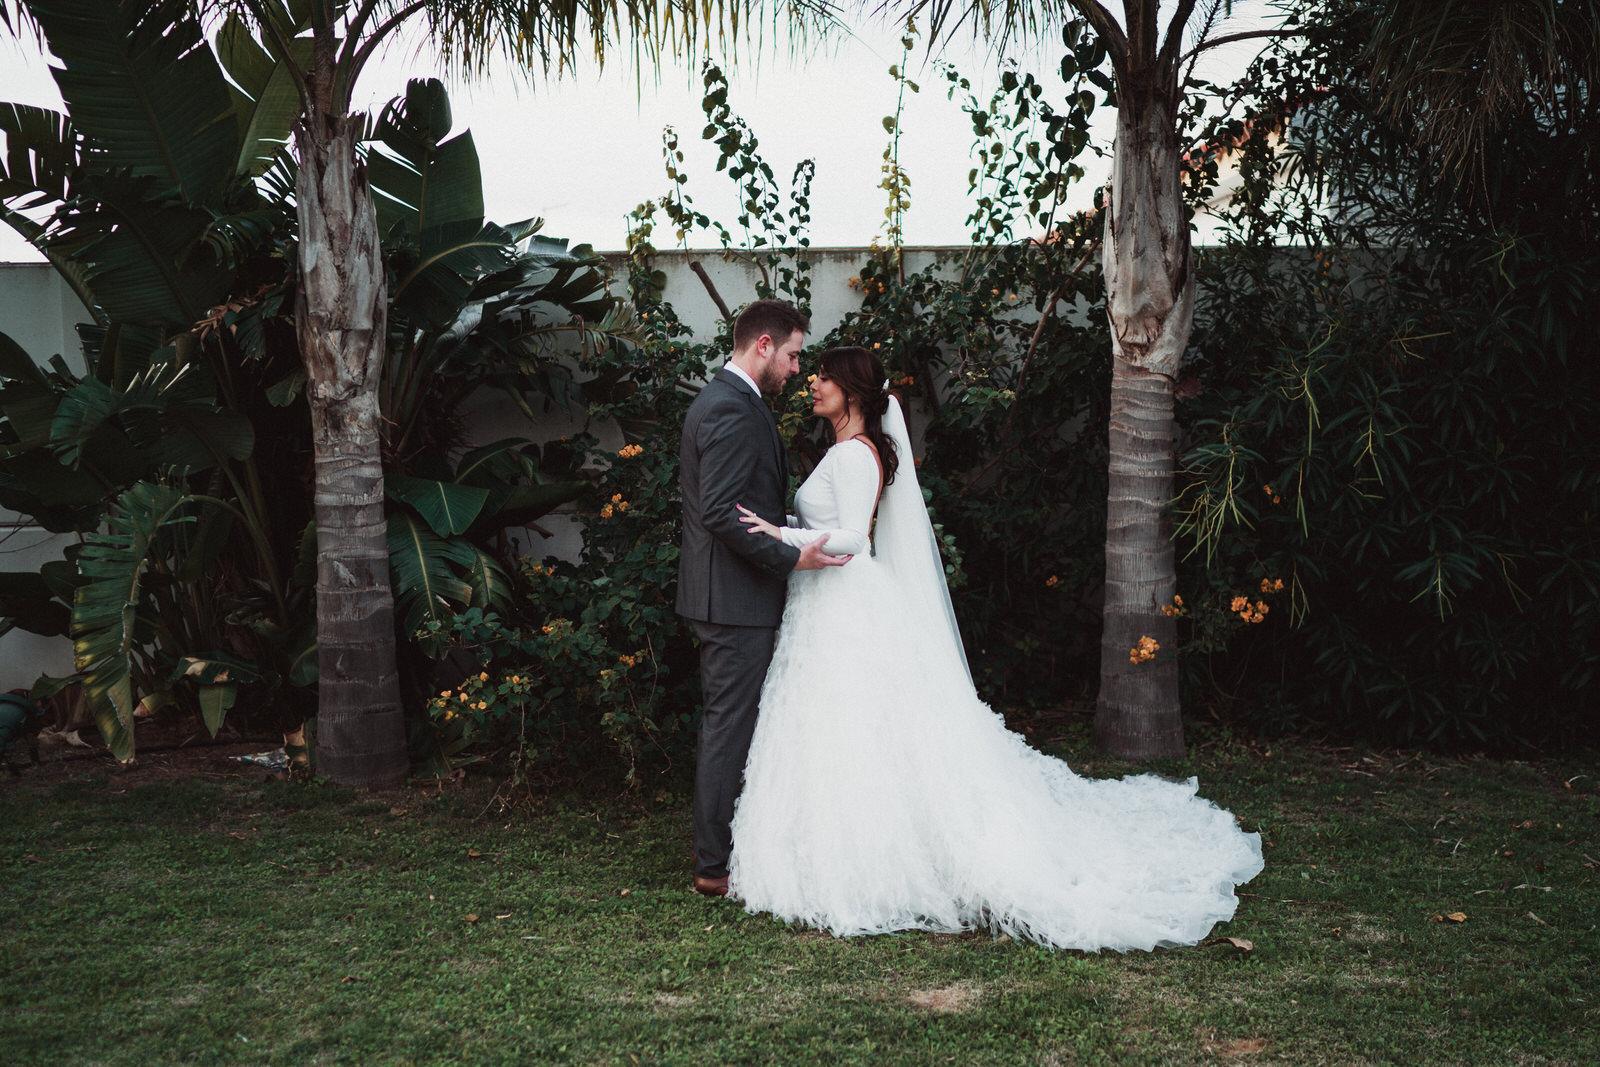 67 Fotografo Andrés Amarillo - boda en Rota -Cádiz - Hacienda Los Caimanes .JPG